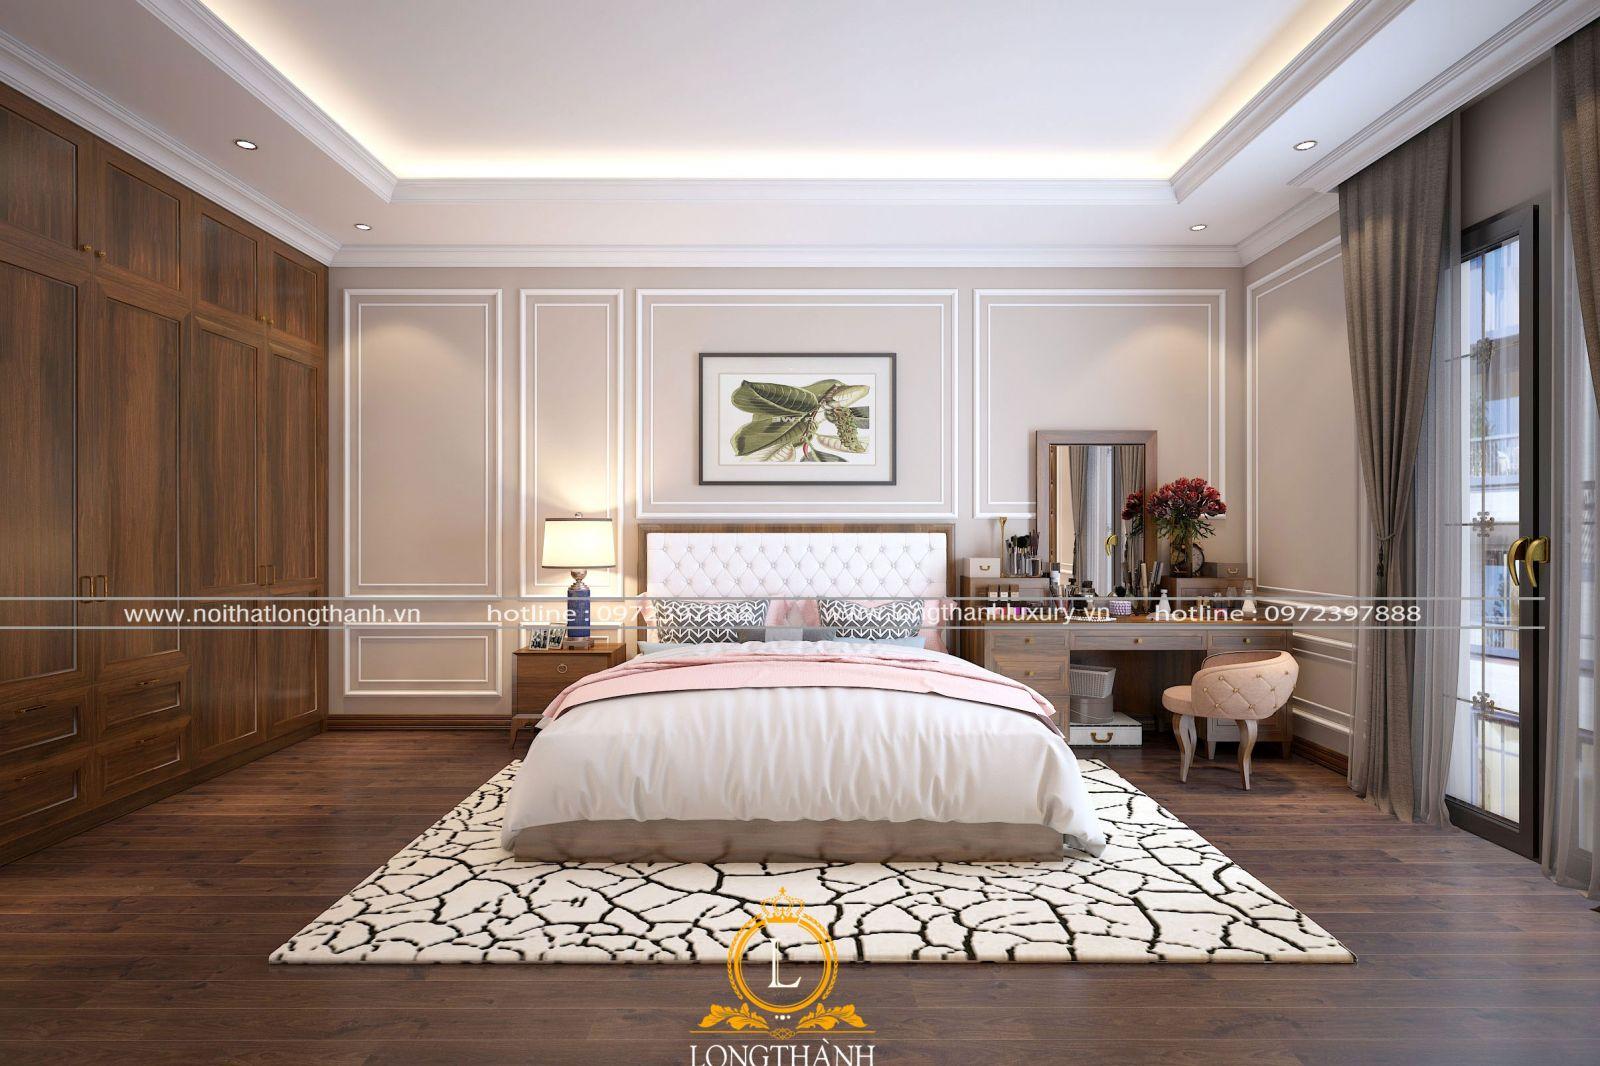 Phòng ngủ đơn giản cho bé gái với gỗ tự nhiên